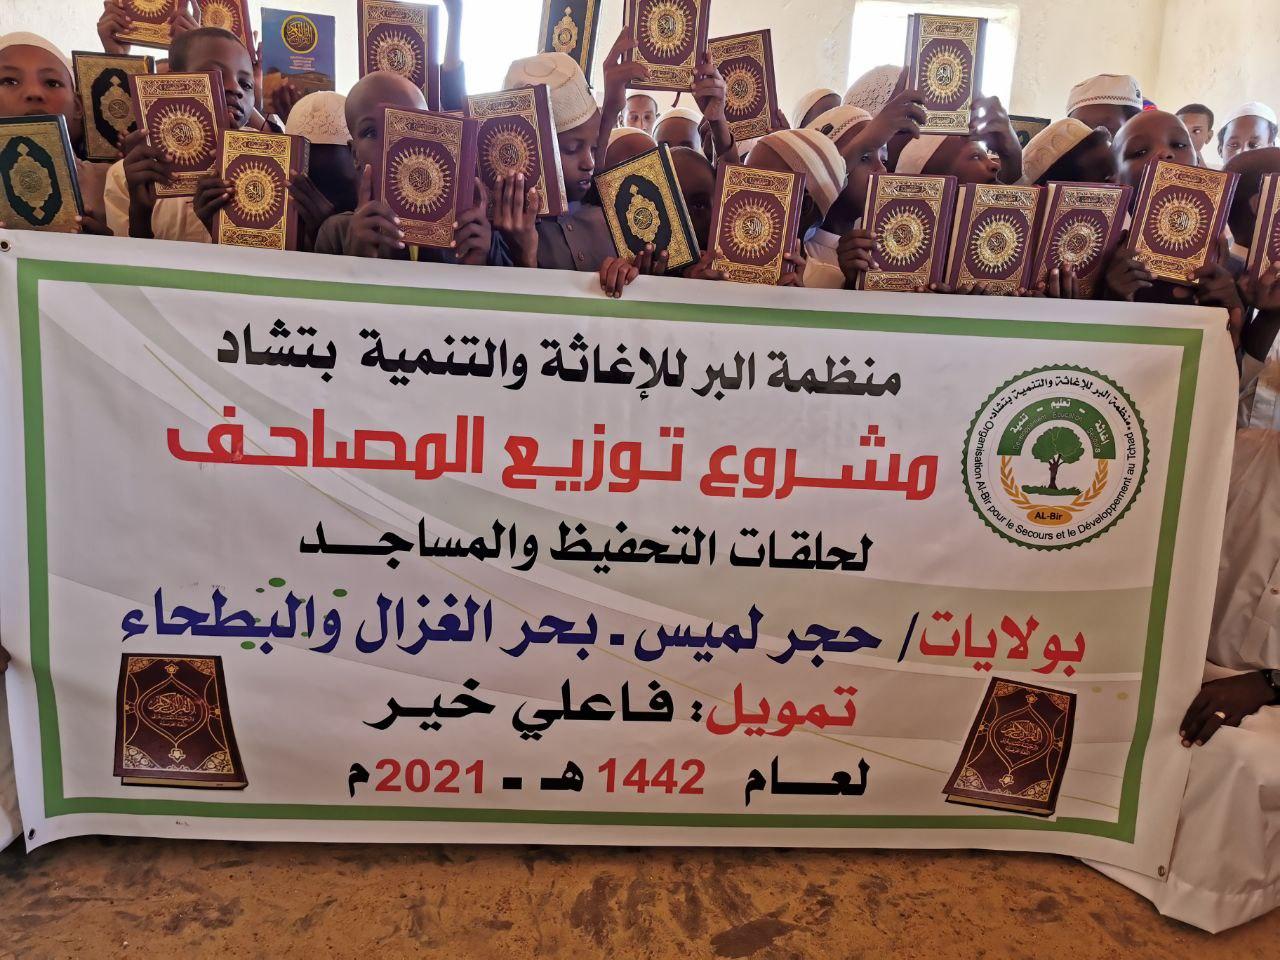 إفتتاح حلقة تحفيظ في ولاية حجر لميس